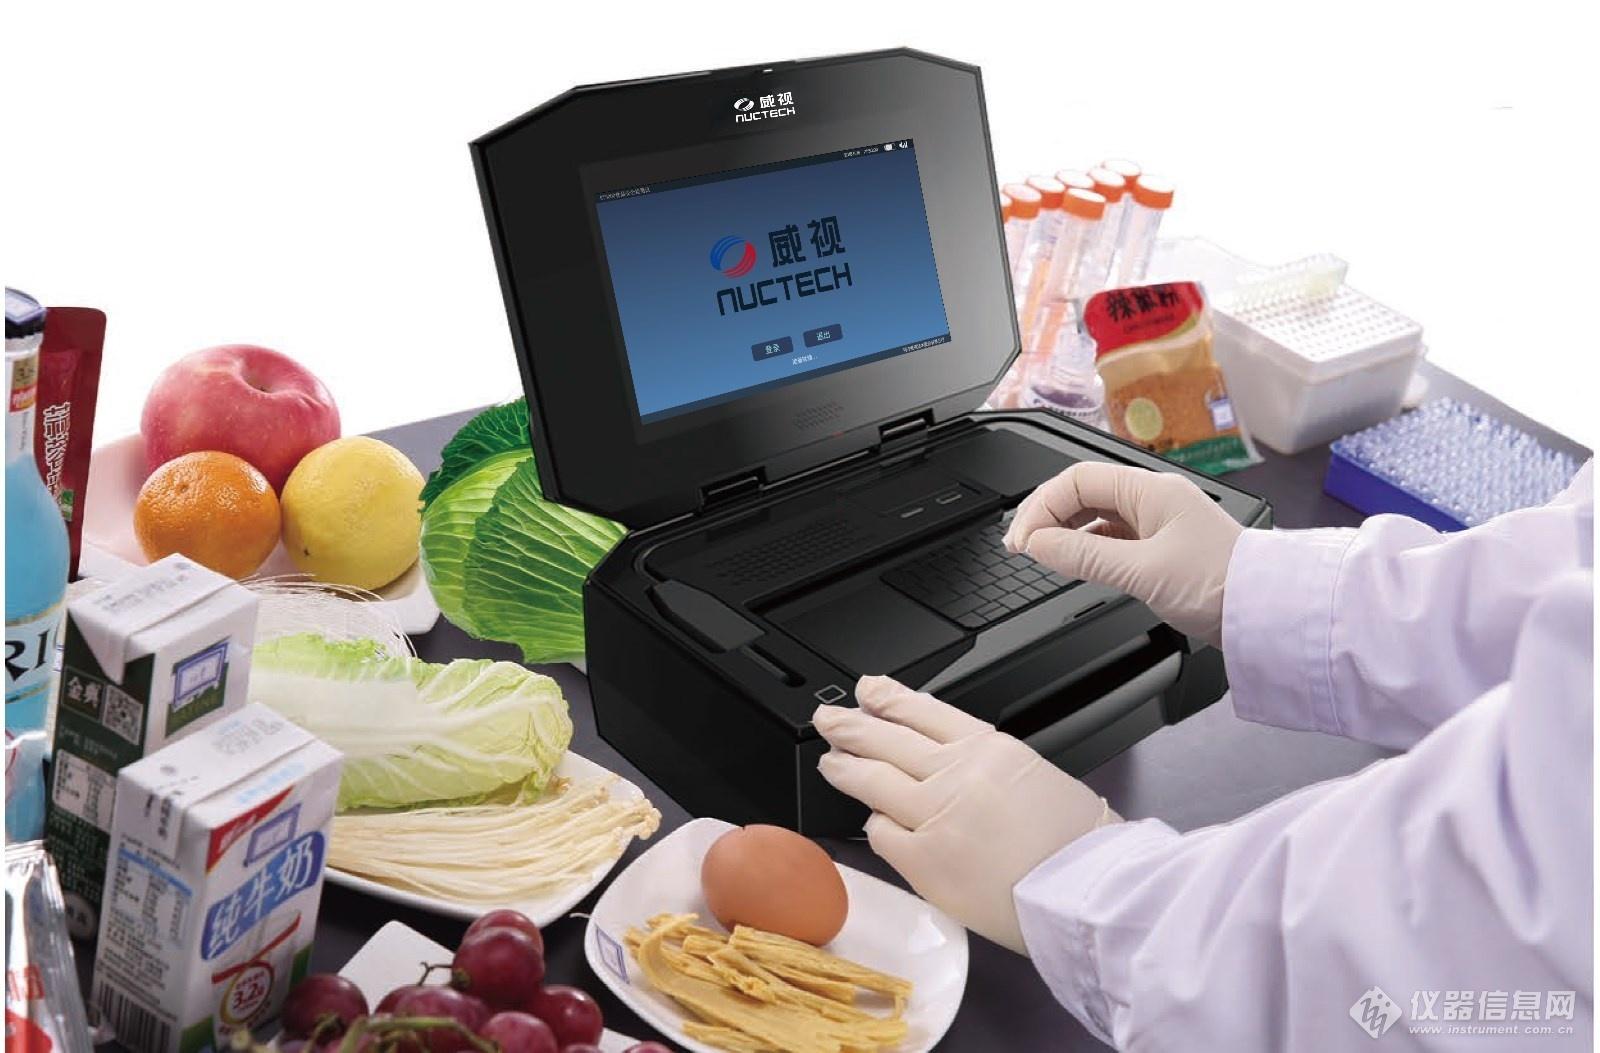 拉曼-食品安全检测仪-新.jpg